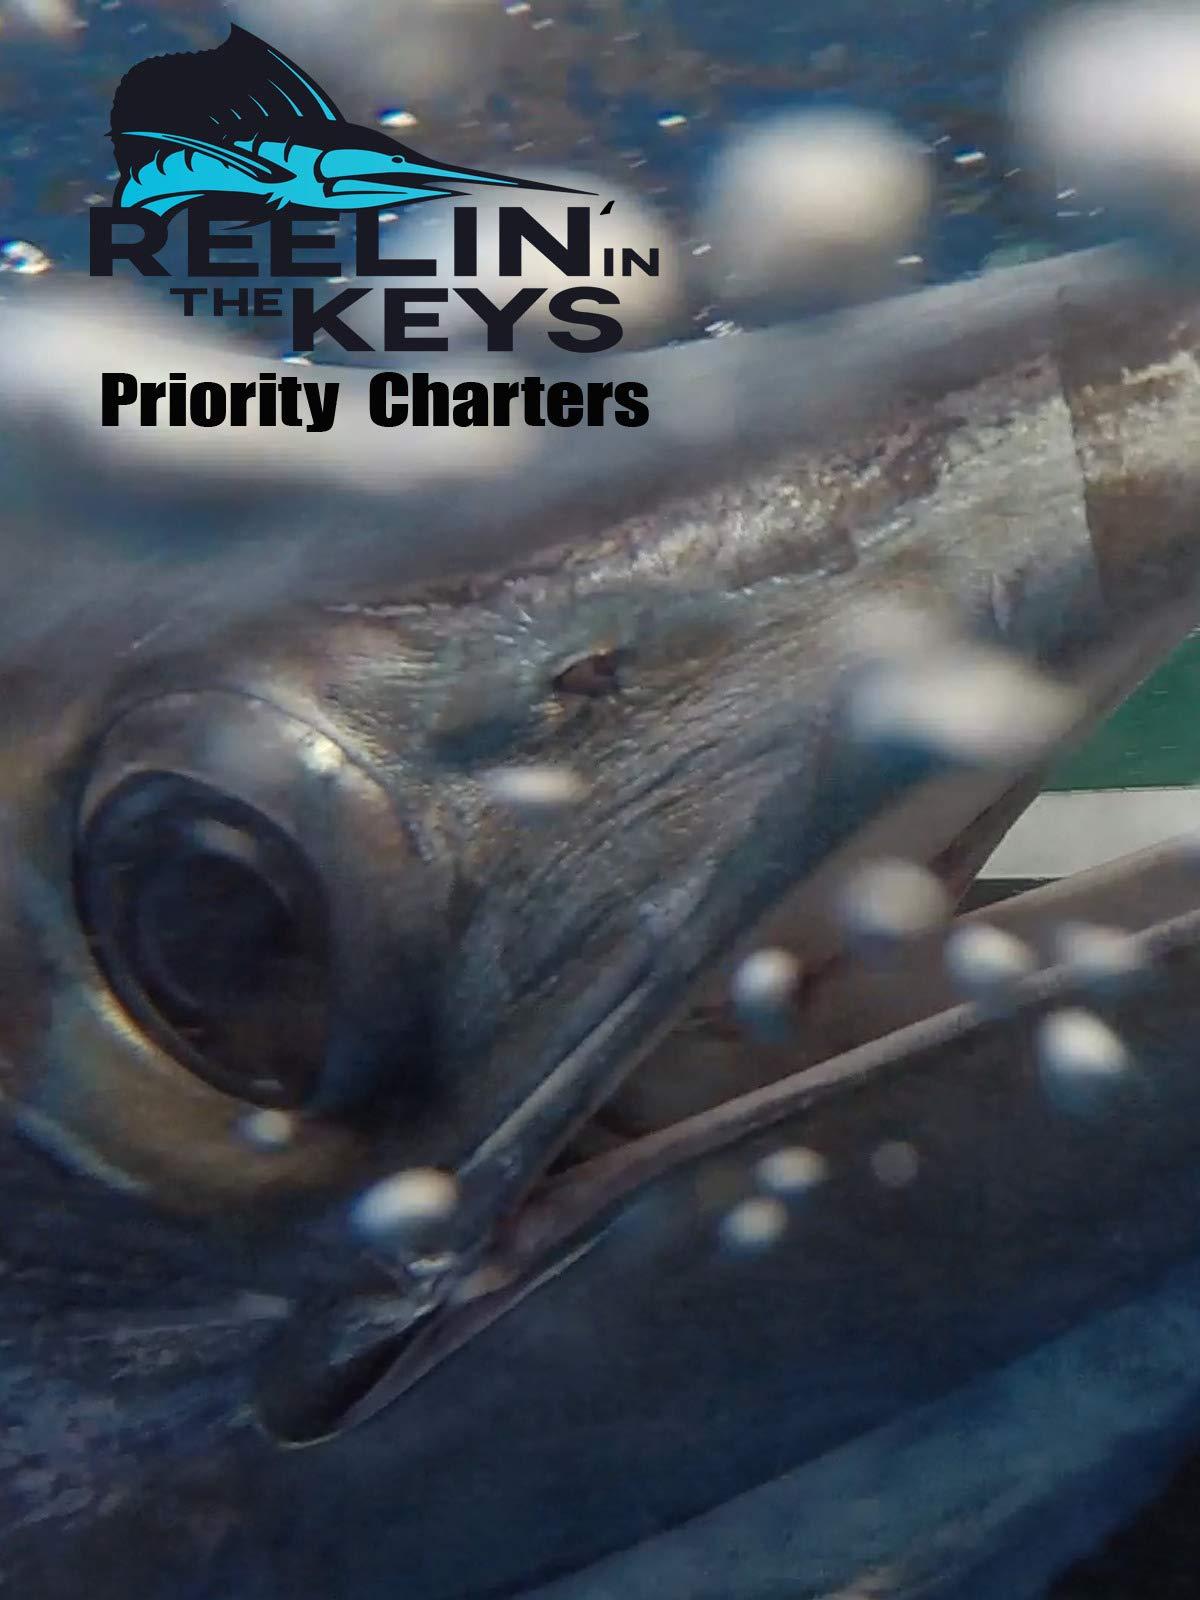 Reelin' In The Keys - Priority Charters